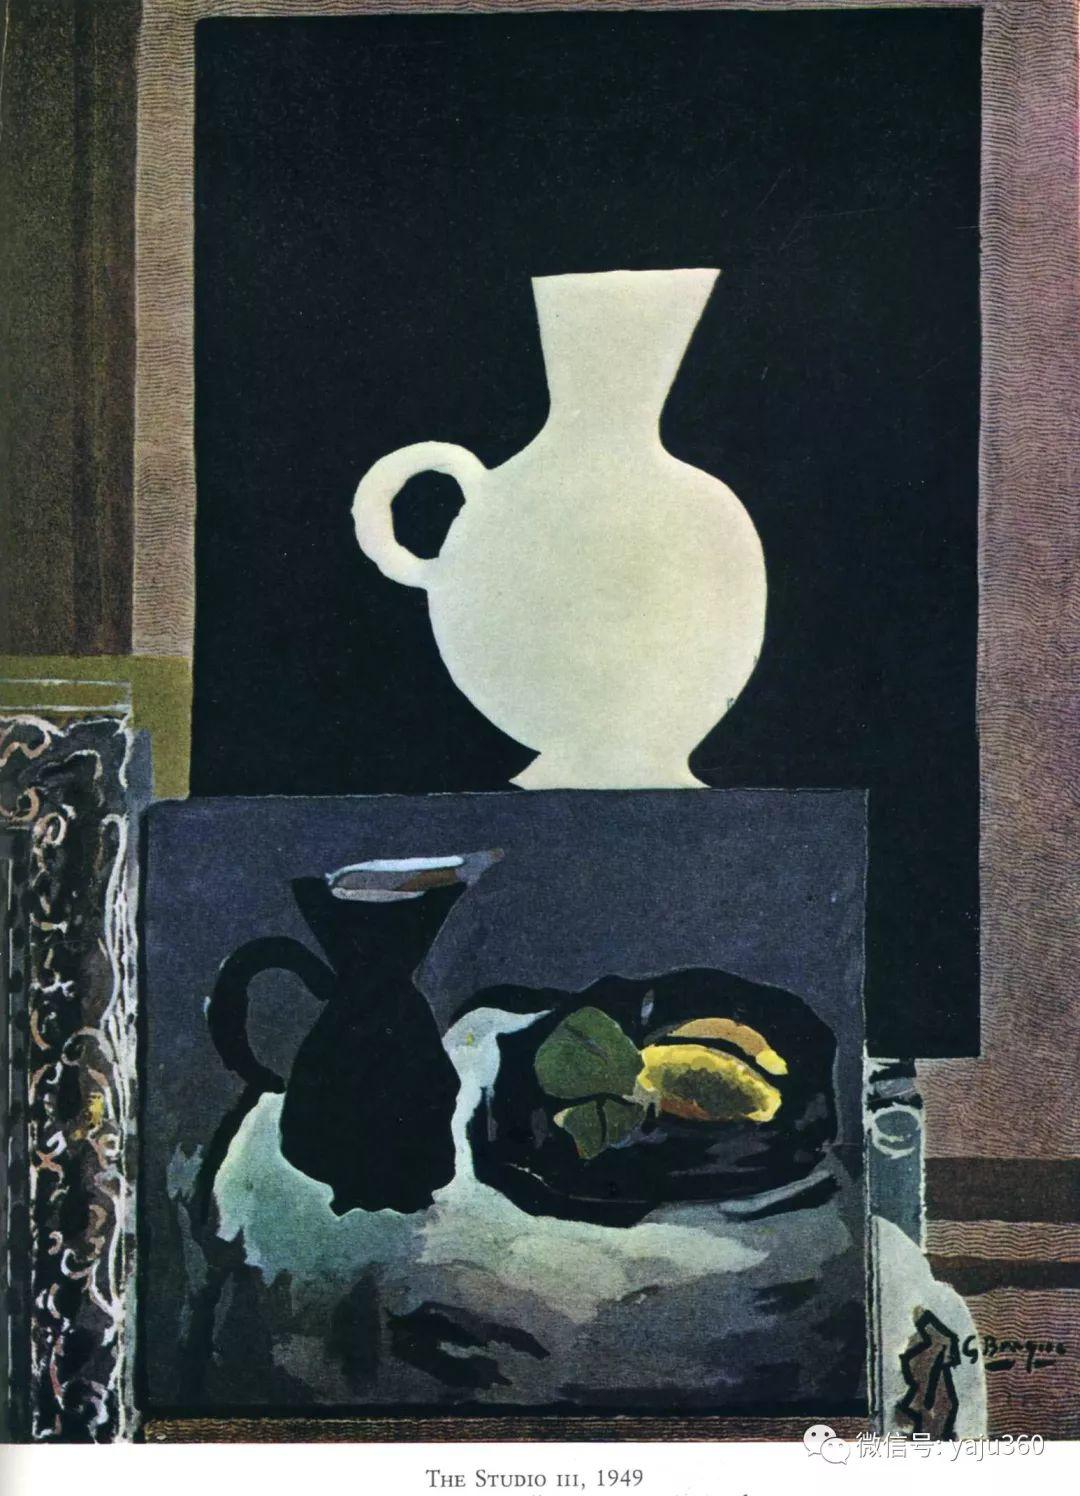 立体主义代表 法国画家乔治·勃拉克插图7